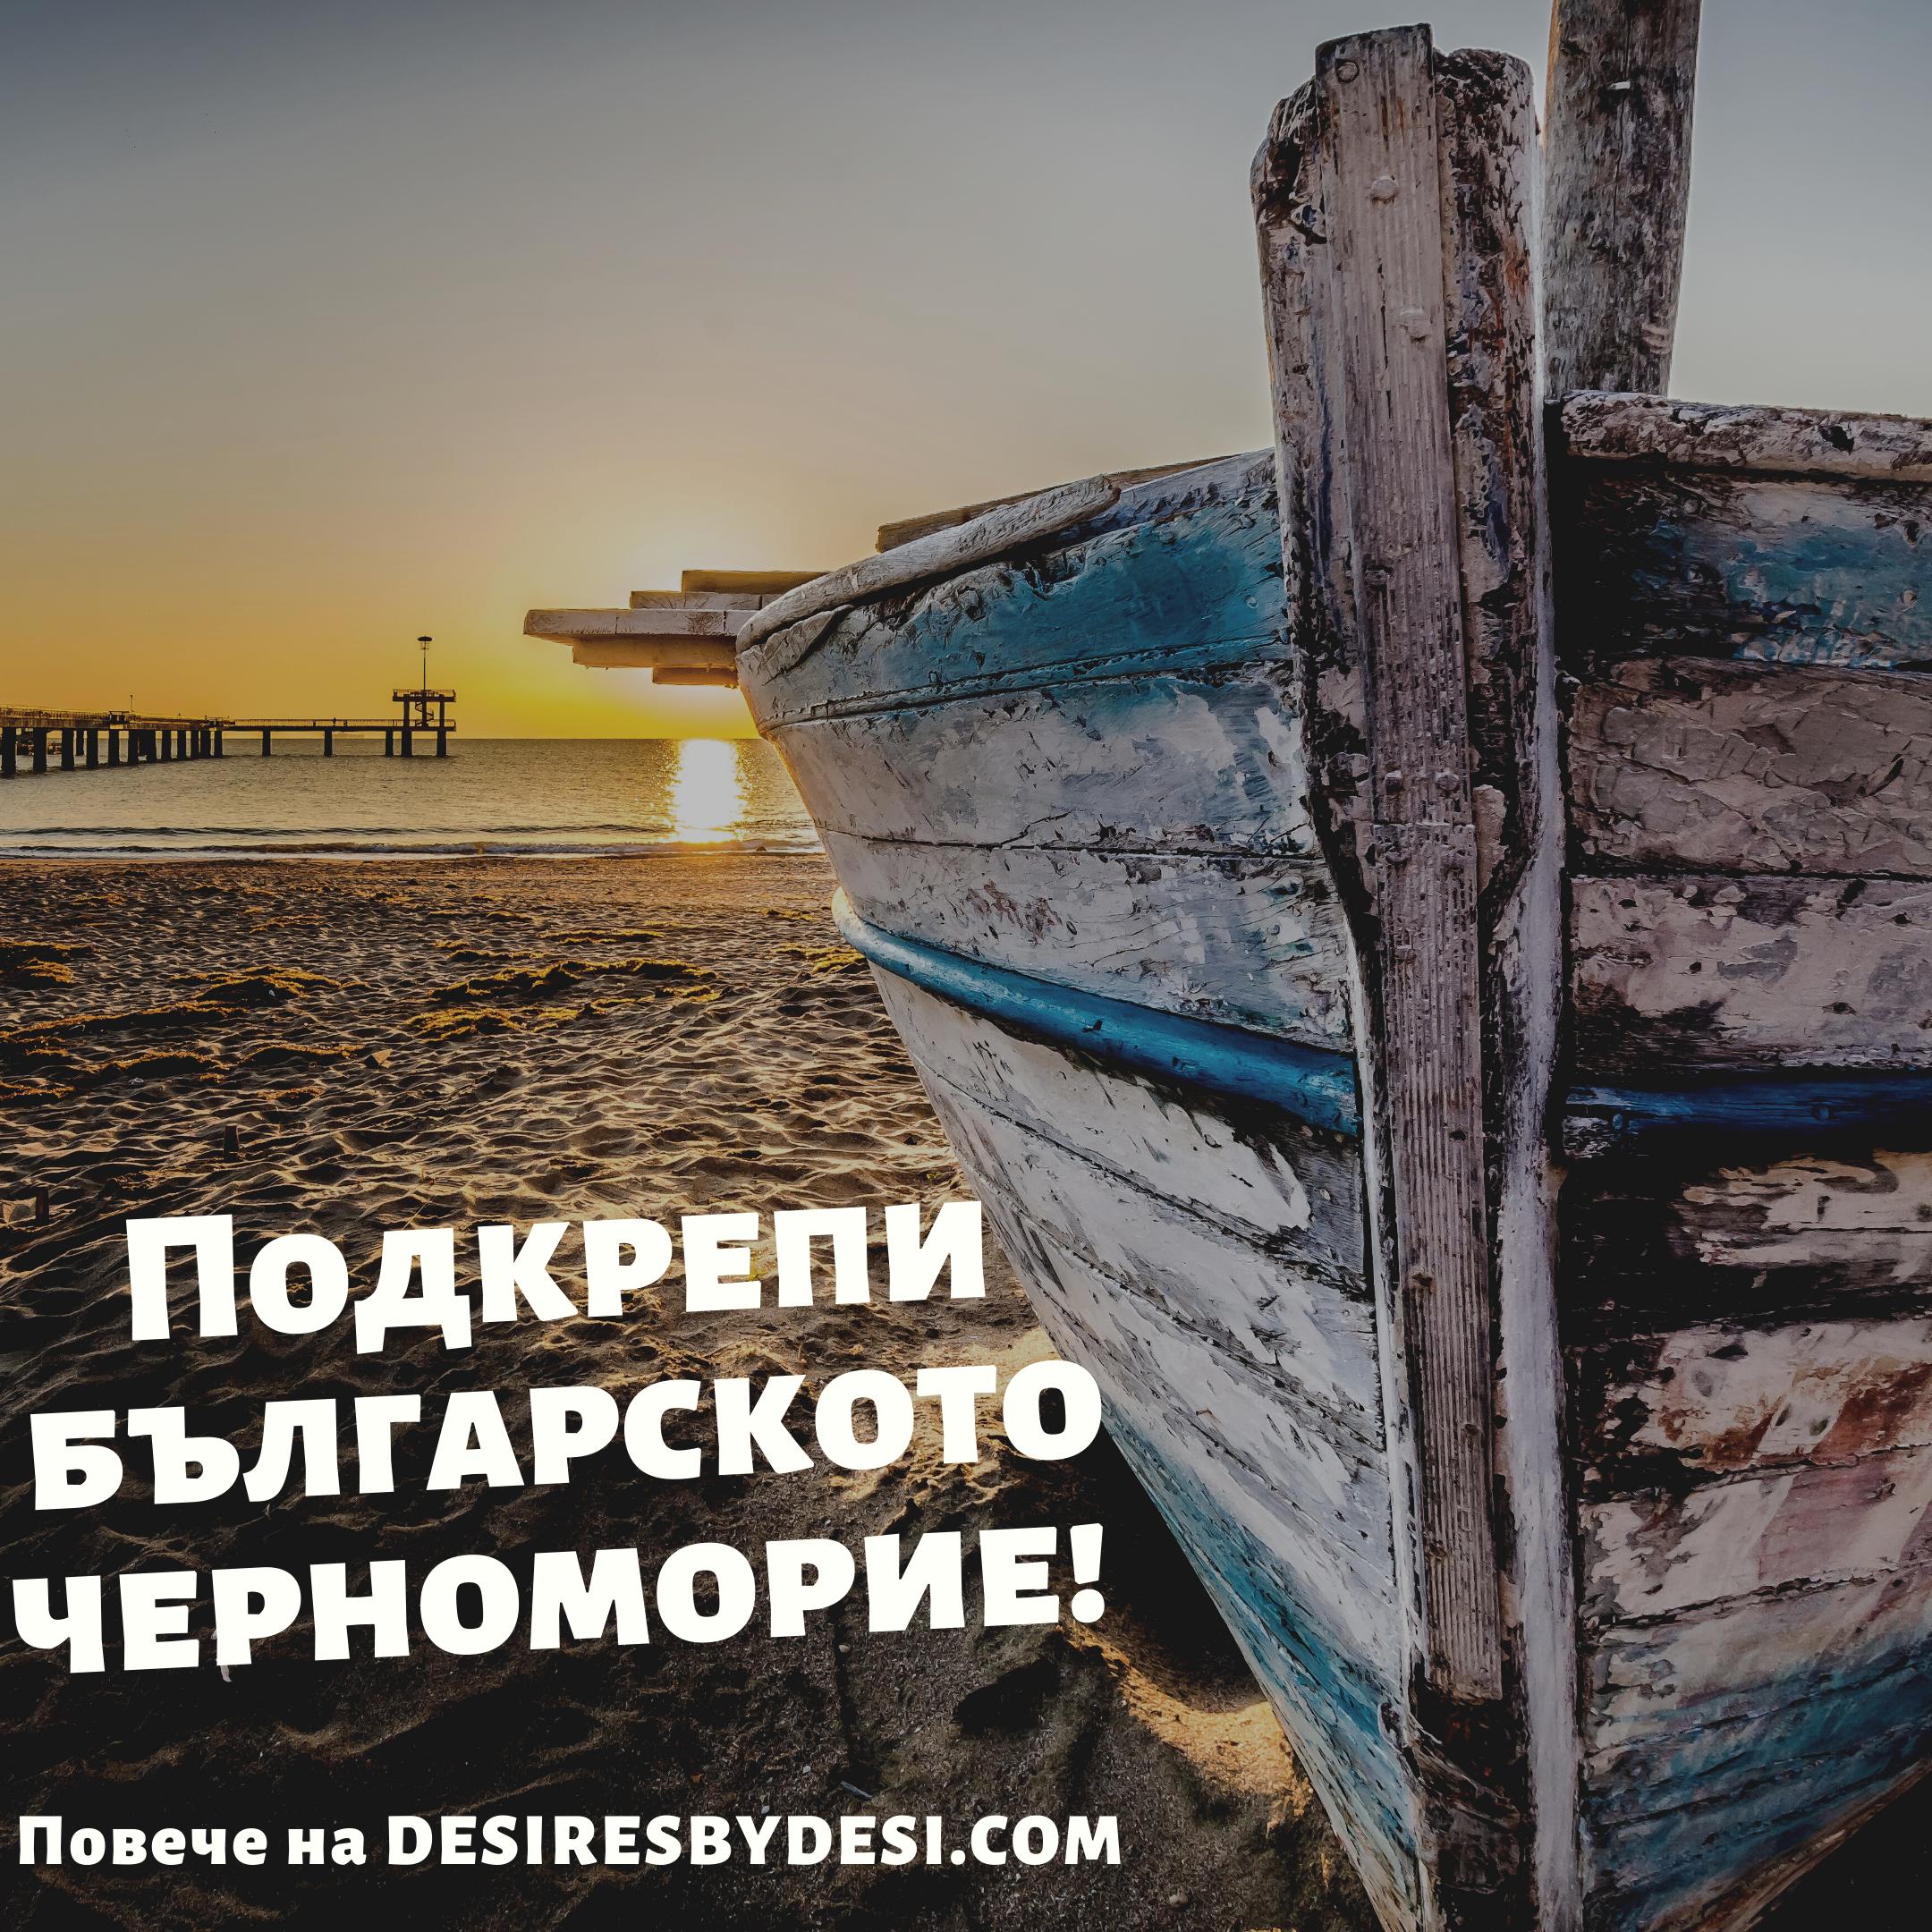 Подкрепи българското Черноморие!